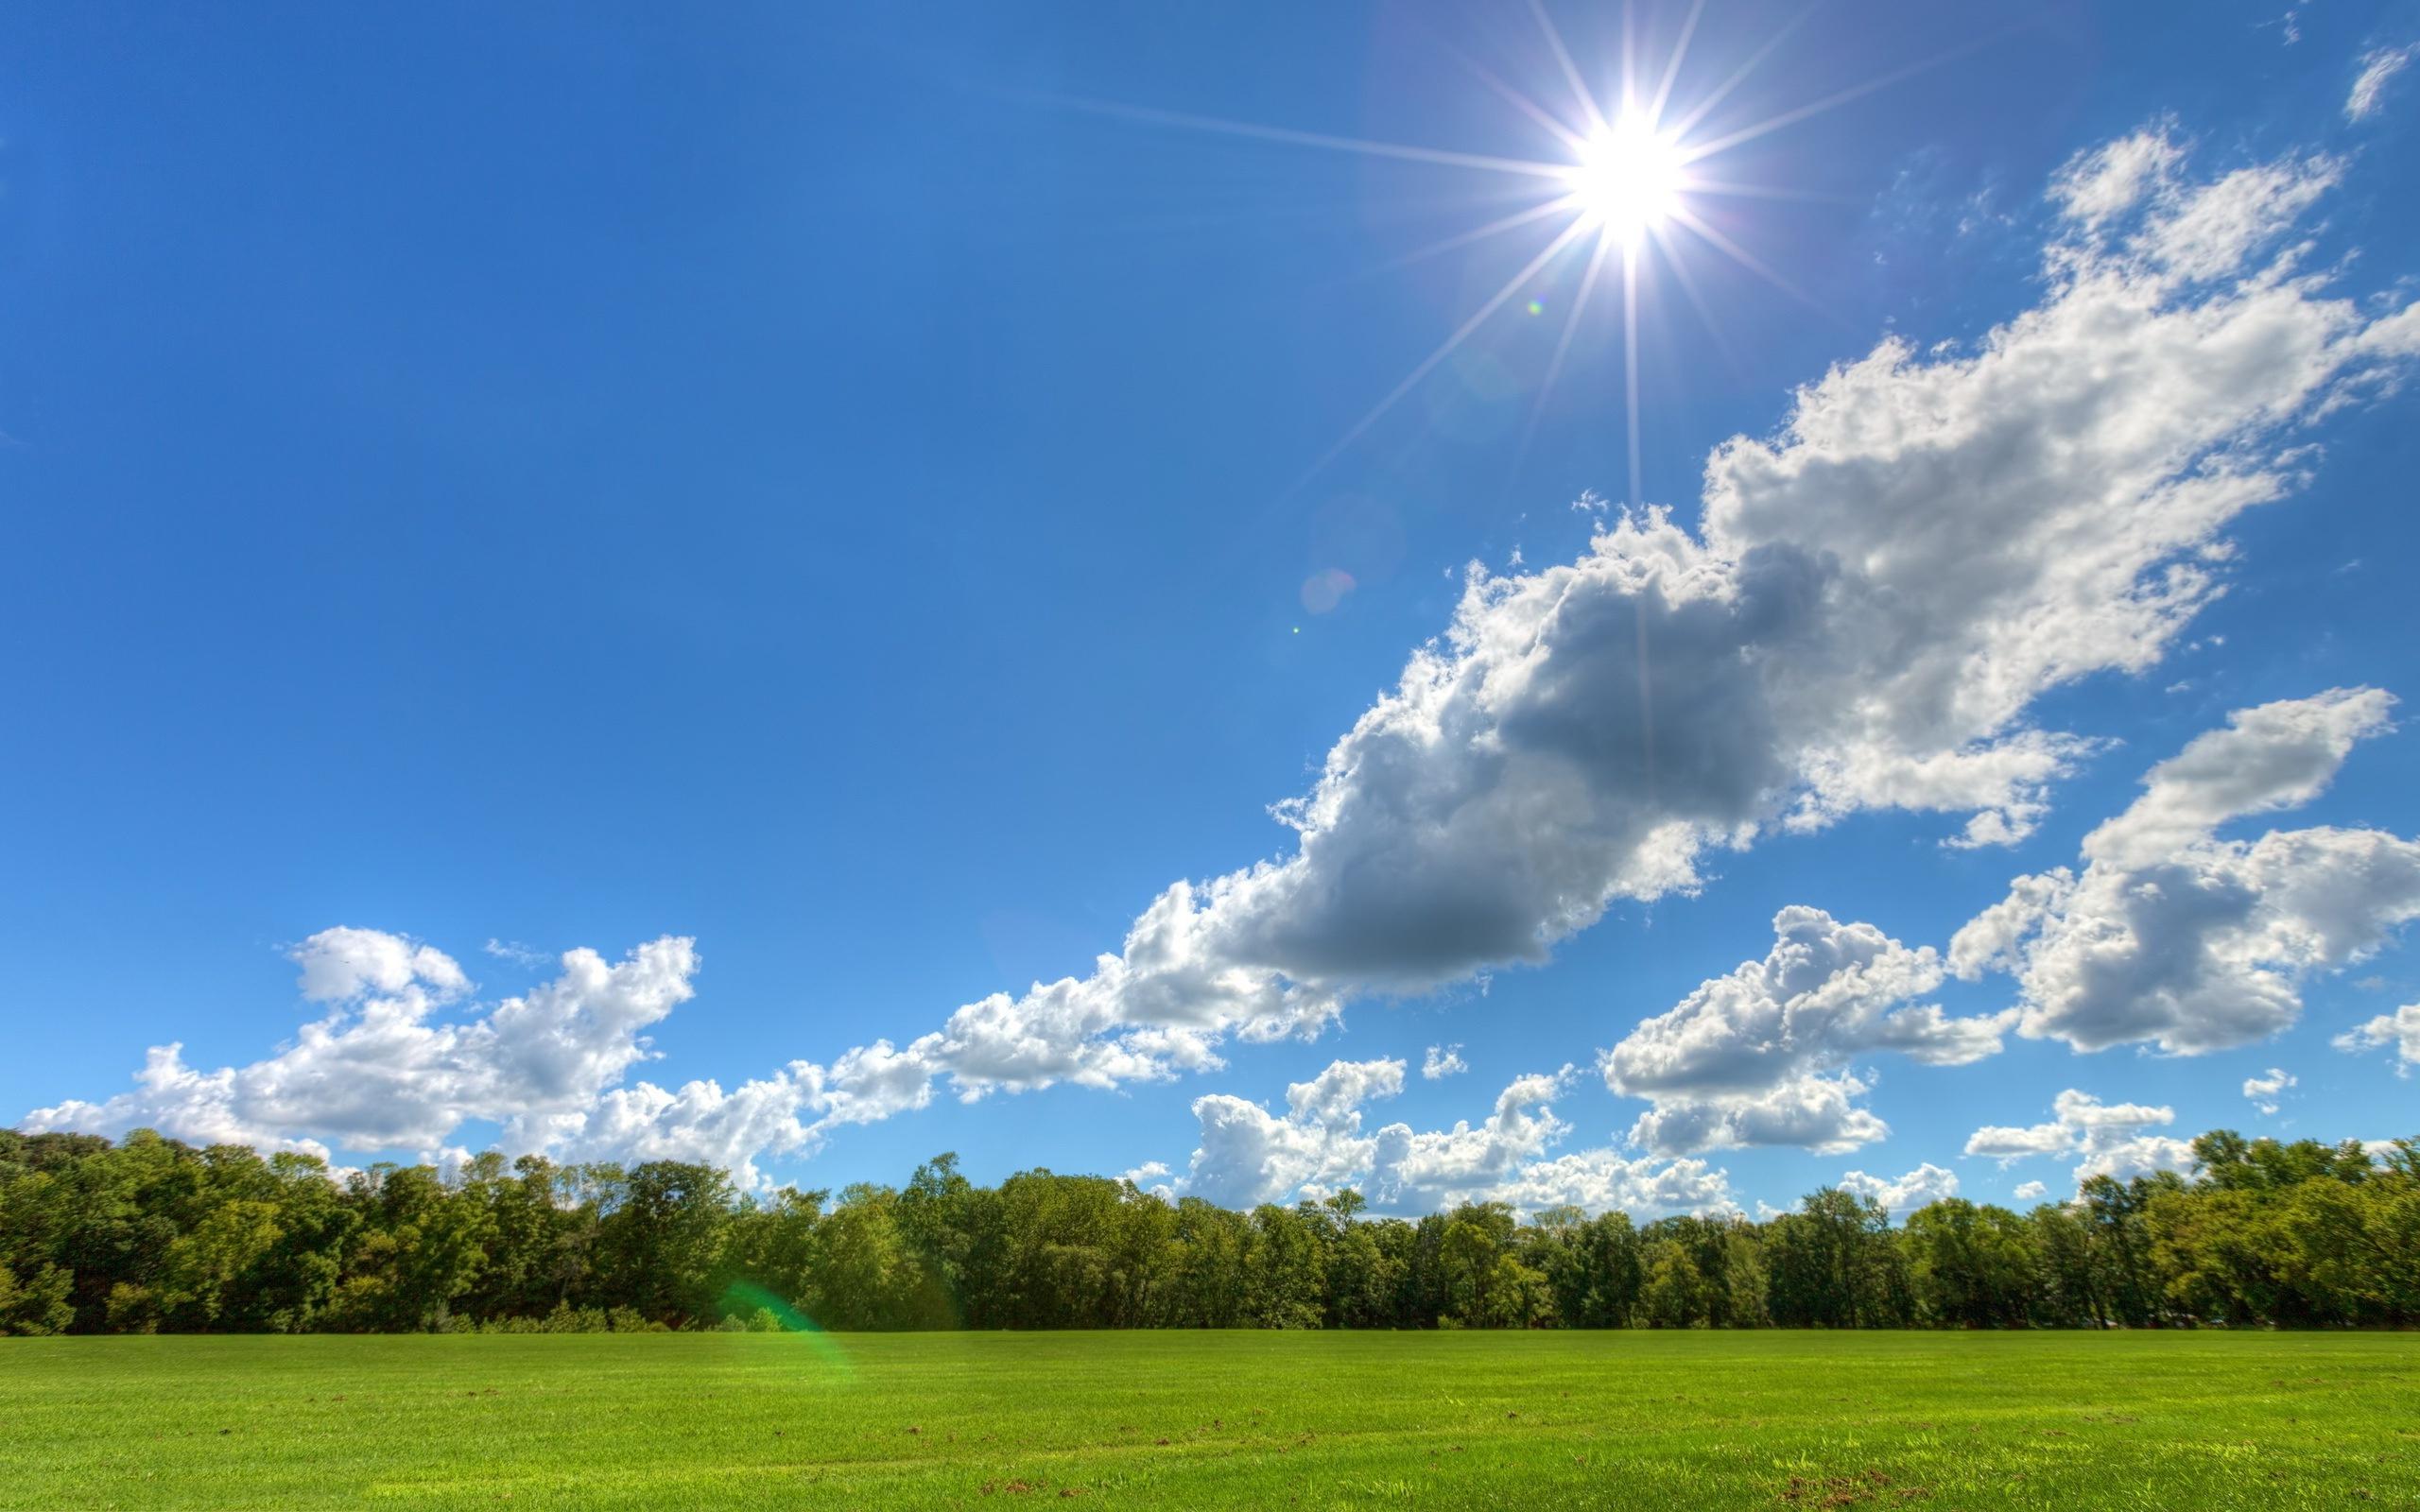 картинка небо летнее полнокадровой